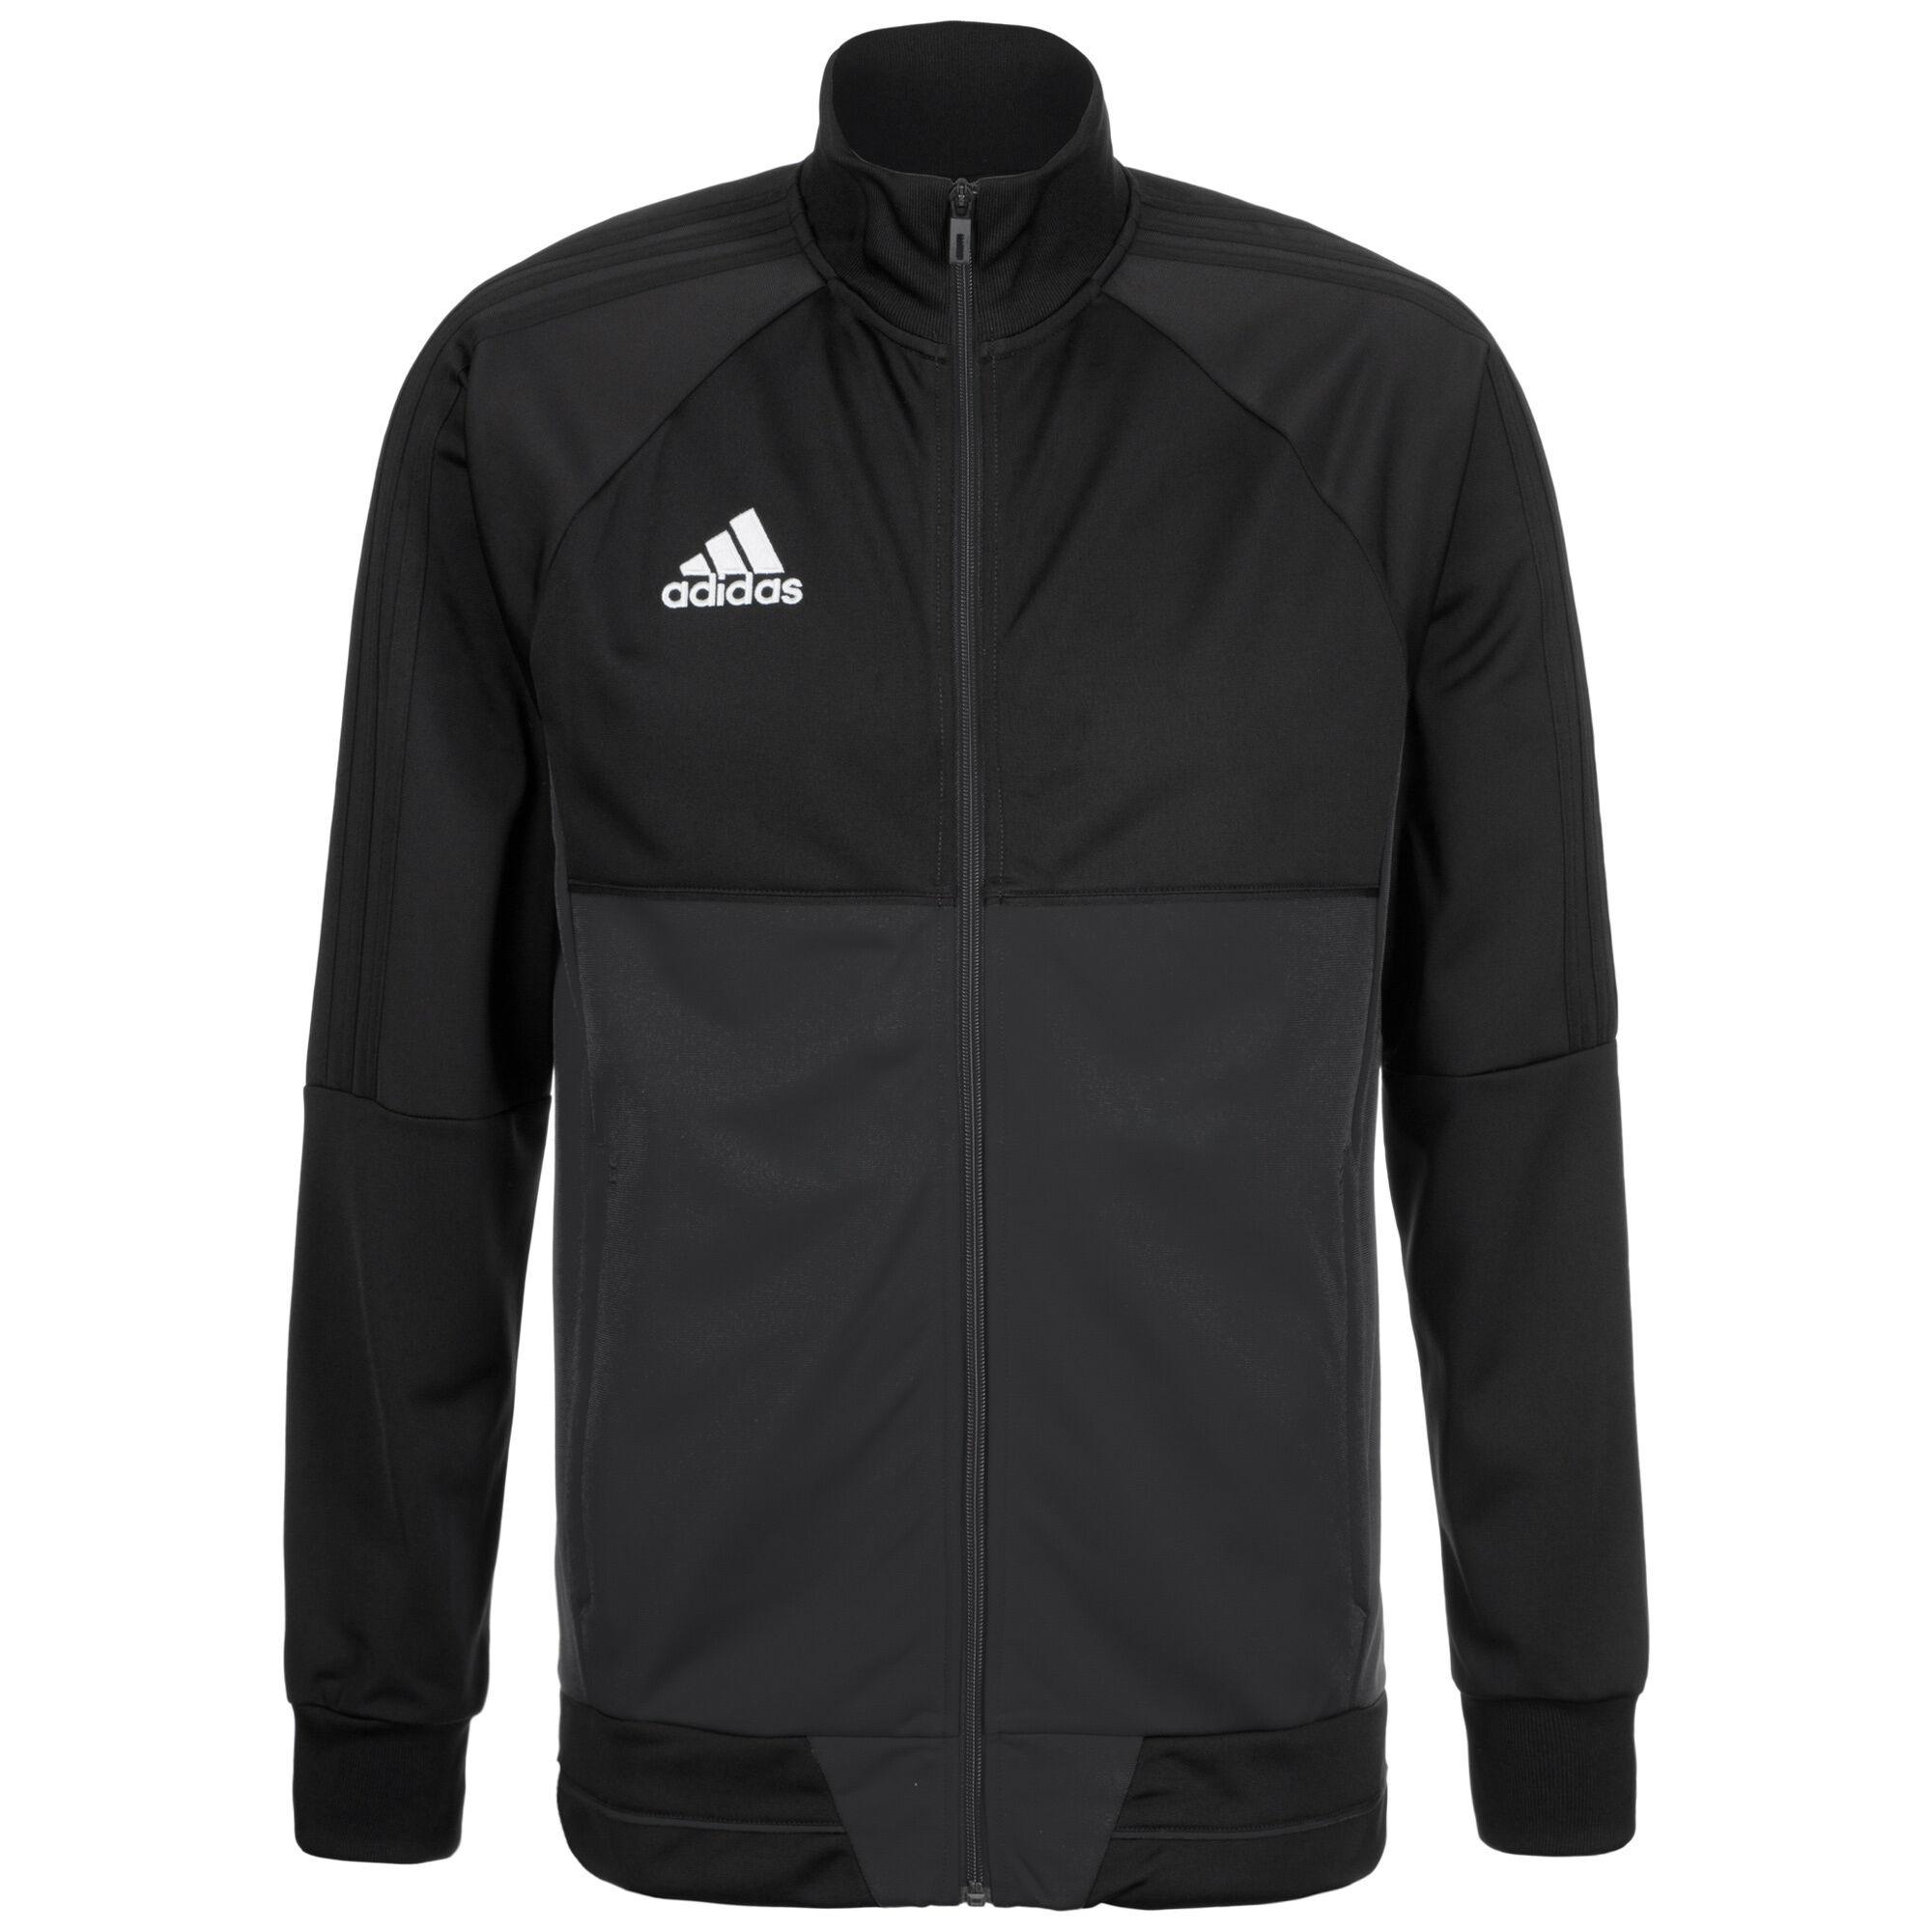 Adidas jacke 110